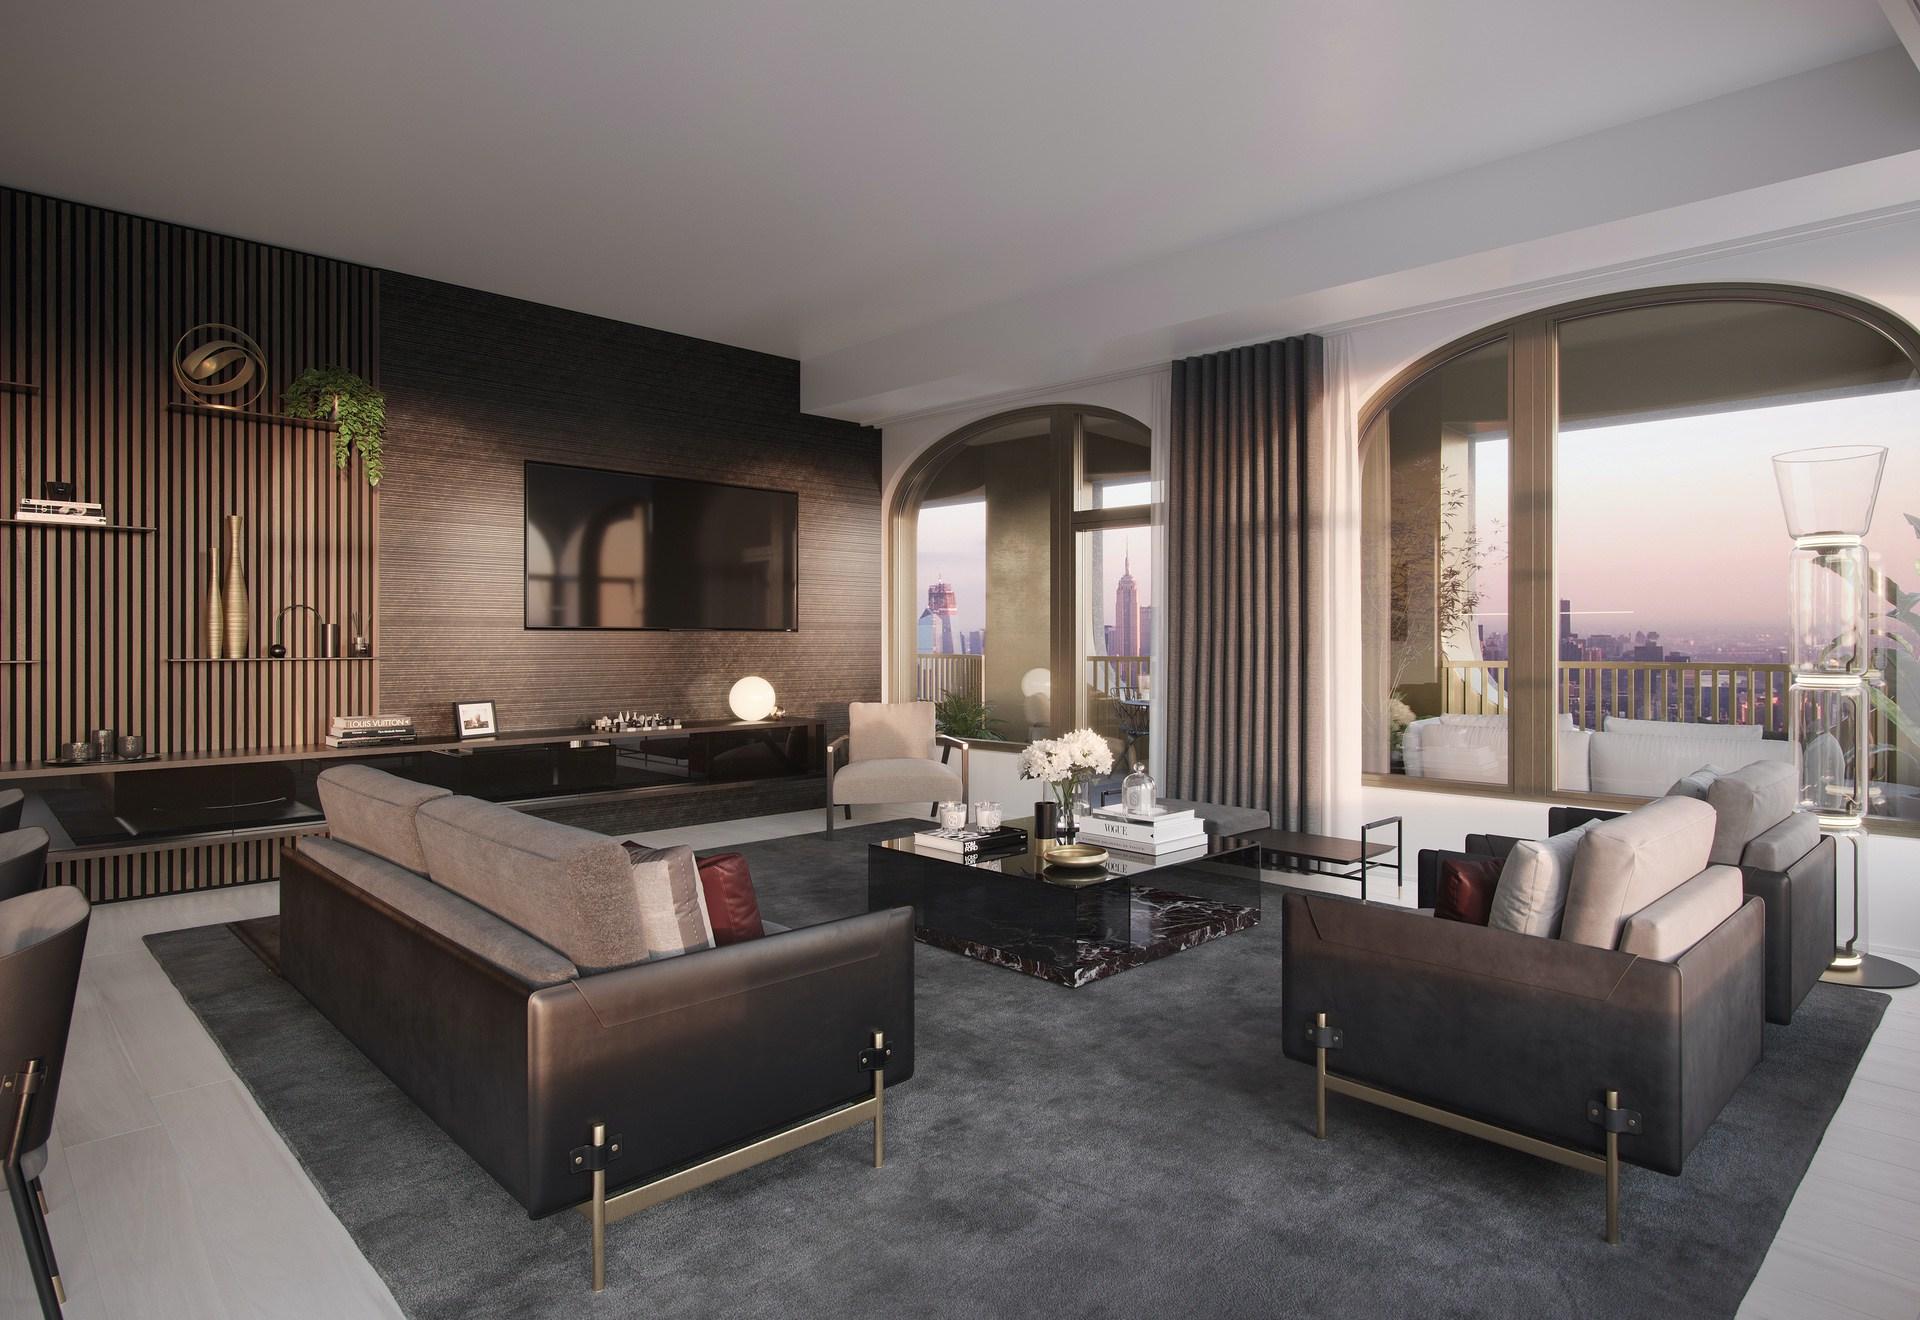 Aston_Martin_NY_Apartments_0011